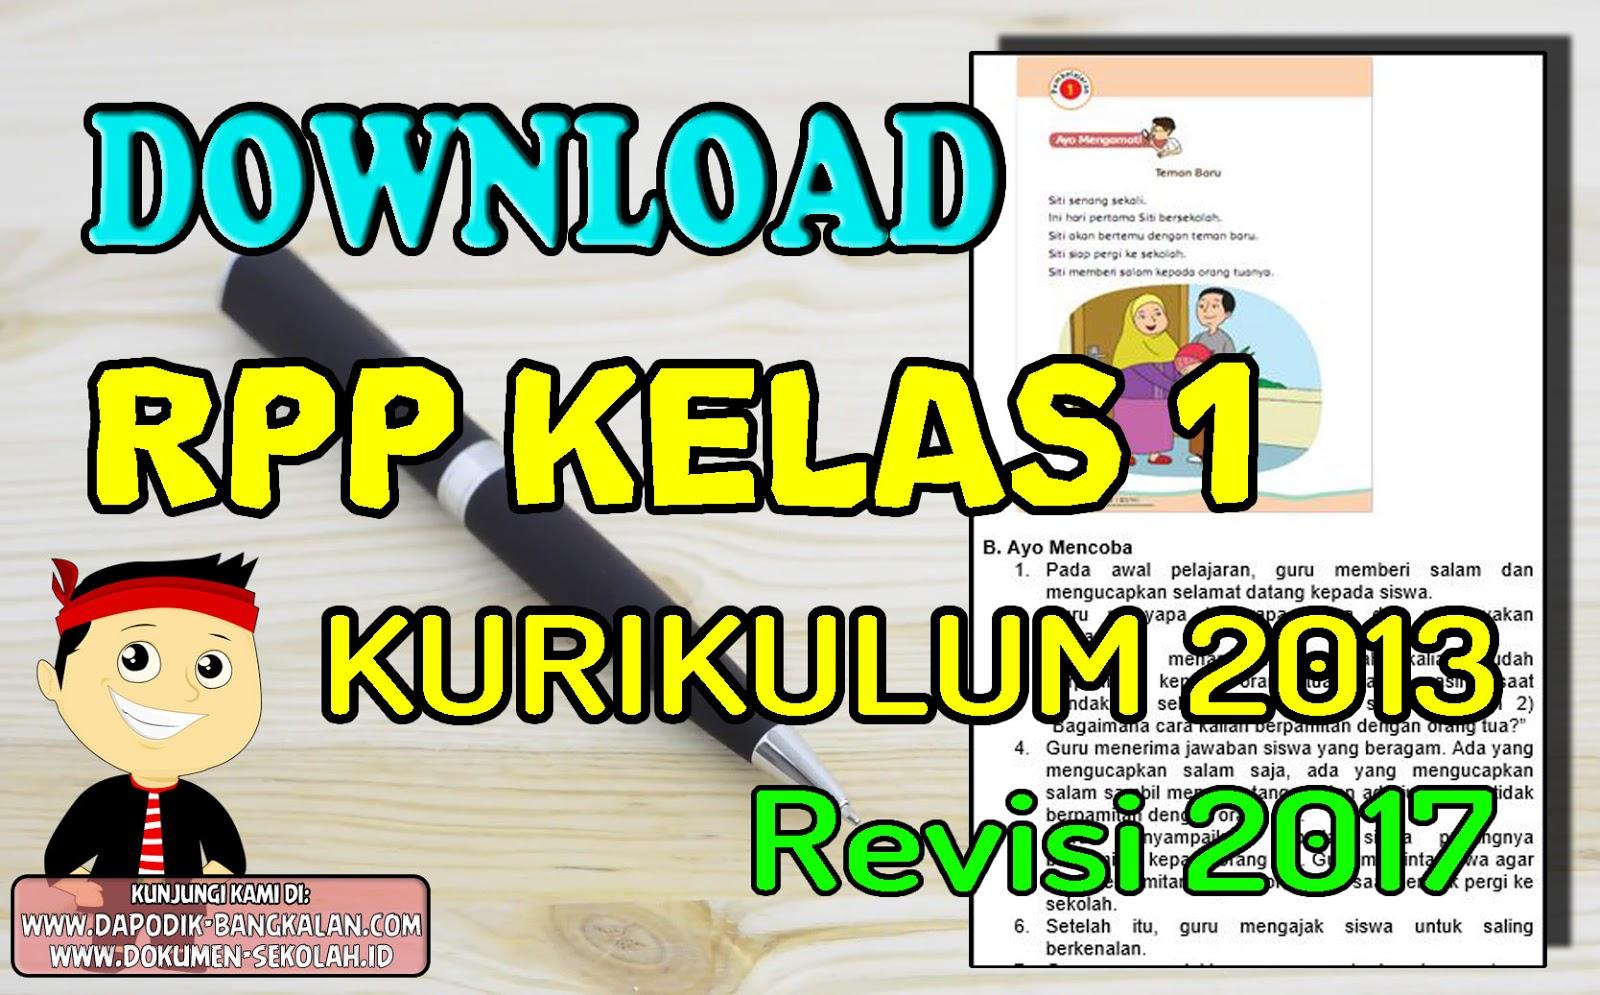 Download Rpp Kelas 1 Kurikulum 2013 K13 Revisi Tahun 2017 Portal Info Guru Dan Pendidikan